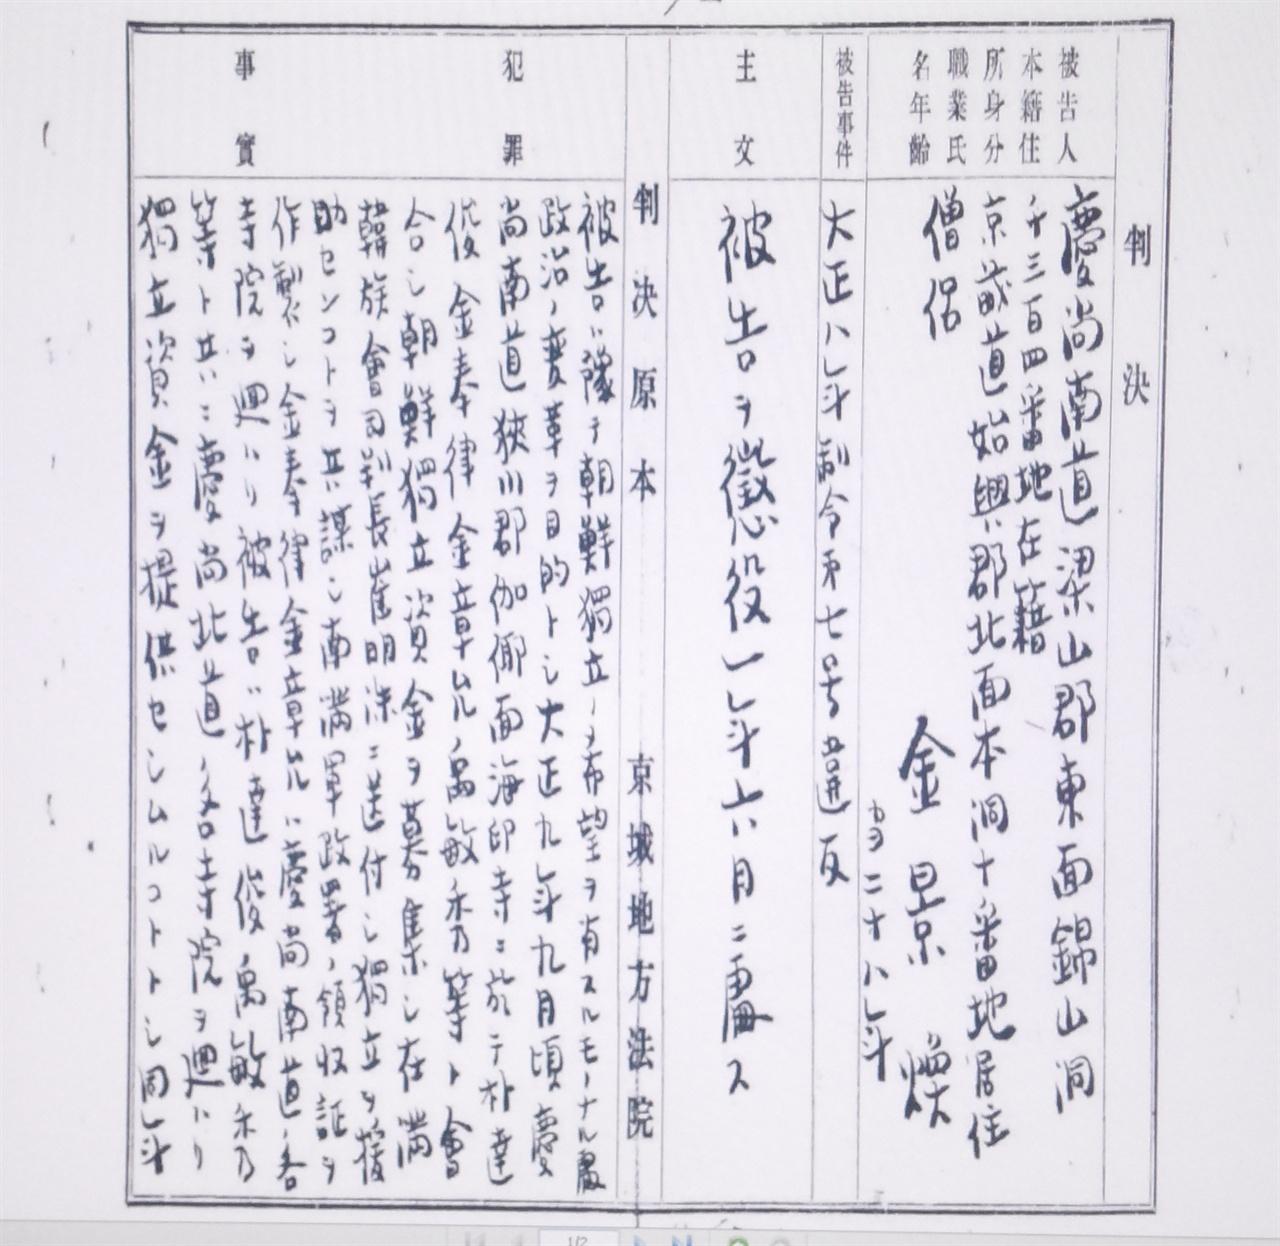 김경환의 판결문 스님 출신 독립운동가 김경환은 2차례 옥고를 치르는데, 두번 째 체포되었을 때 시흥군 북면 본동리에 주소지를 두고 있었다.